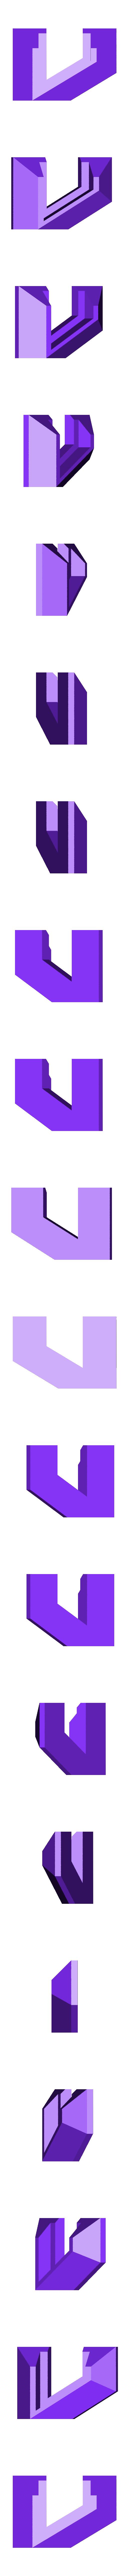 PS4STAND_rear.stl Télécharger fichier STL gratuit ps4 (Playstation 4) support vertical • Plan à imprimer en 3D, Reshea